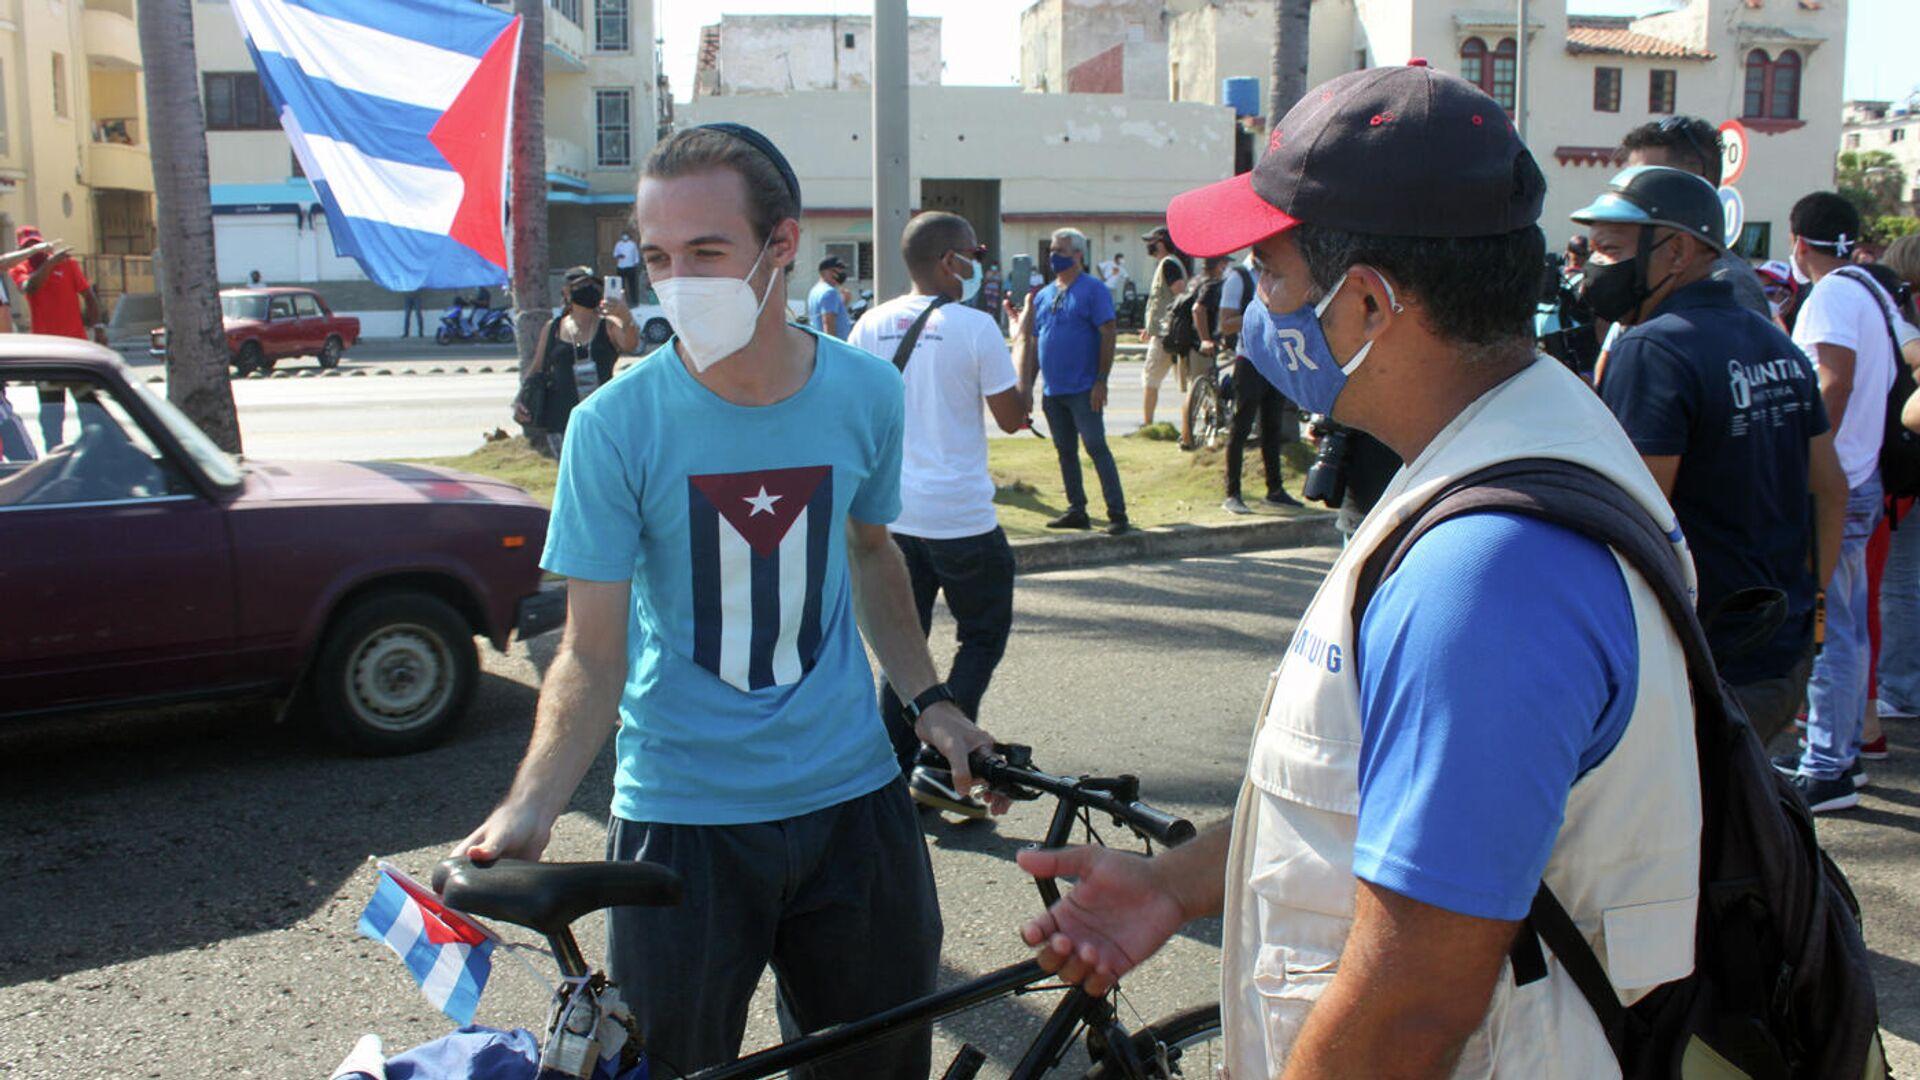 Manifestación contra el bloqueo de EEUU a Cuba en La Habana - Sputnik Mundo, 1920, 20.05.2021